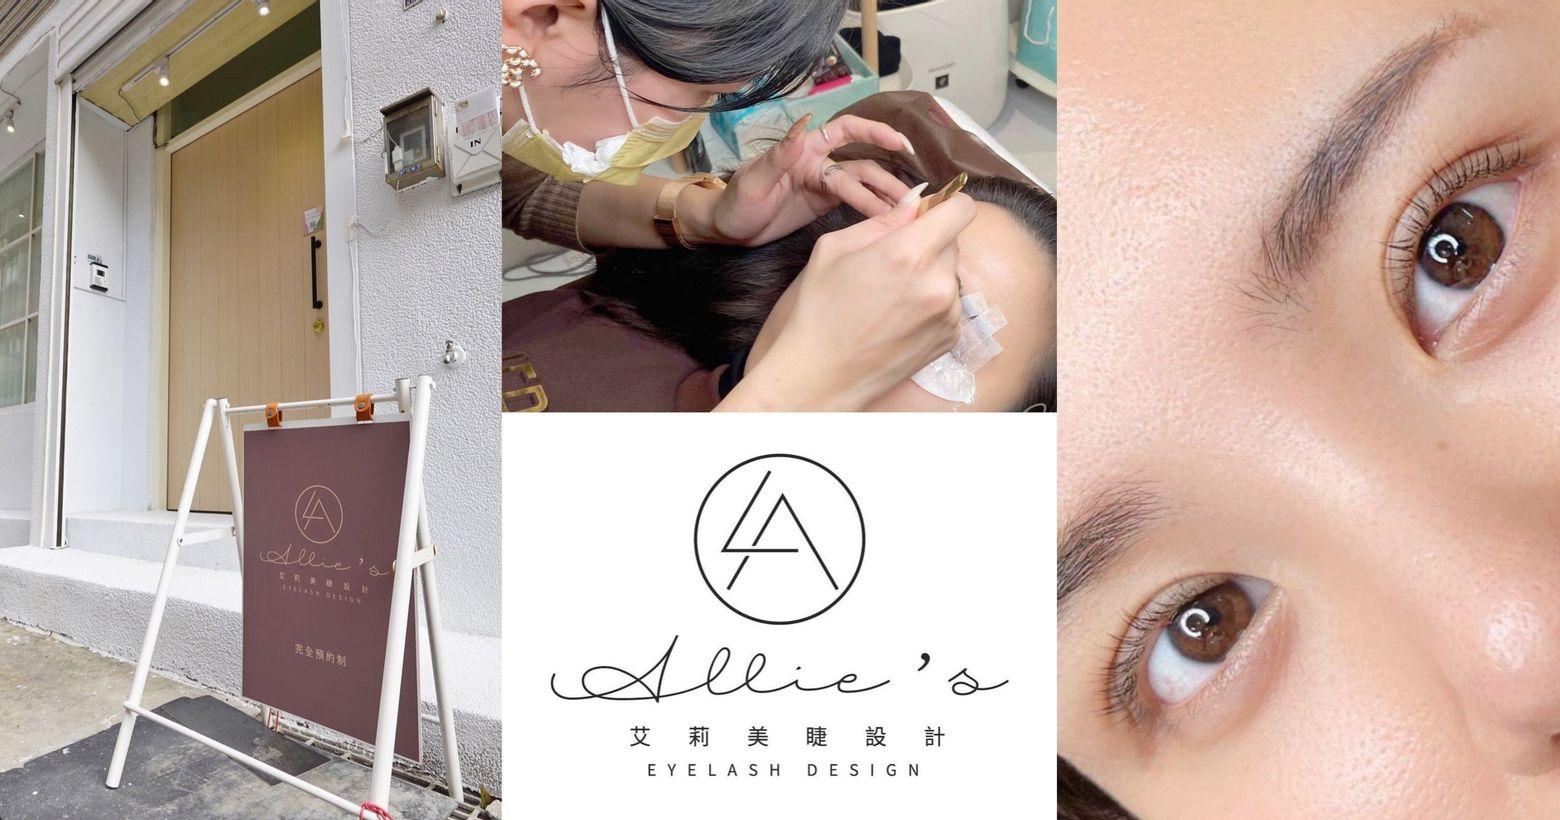 【Allies艾莉美睫設計】捲翹睫毛不用接|角蛋白美睫初體驗|新竹地區首選推薦|舒適環境、專業服務、